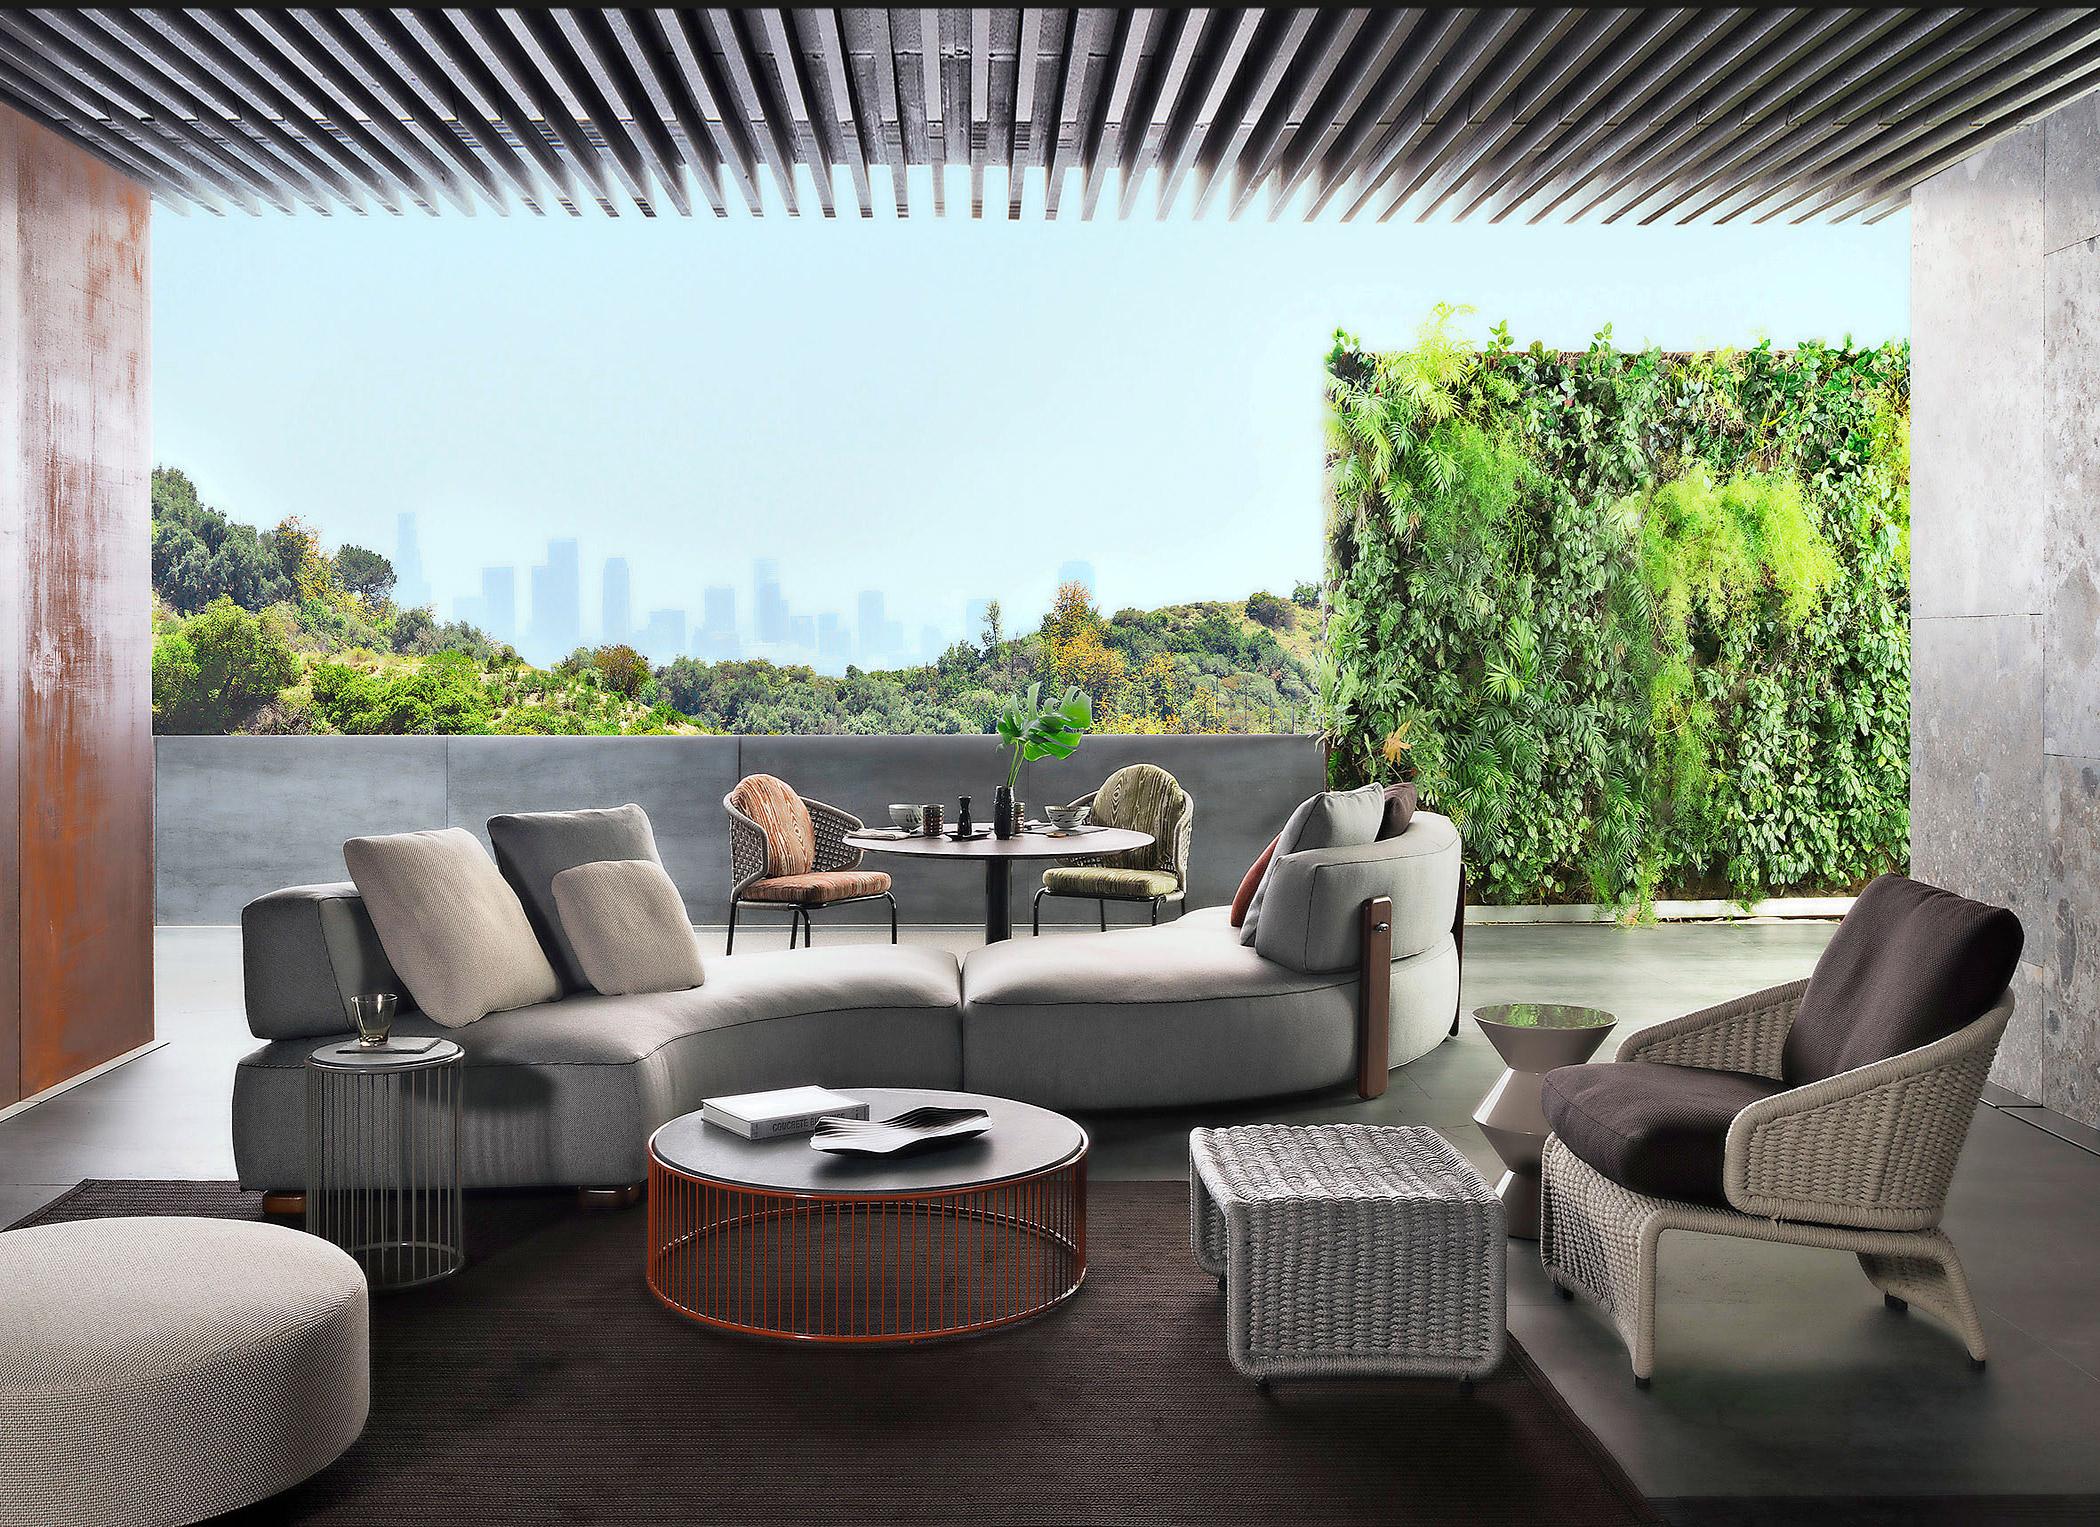 35 idee per arredare il giardino livingcorriere for Arredo giardino terrazzo